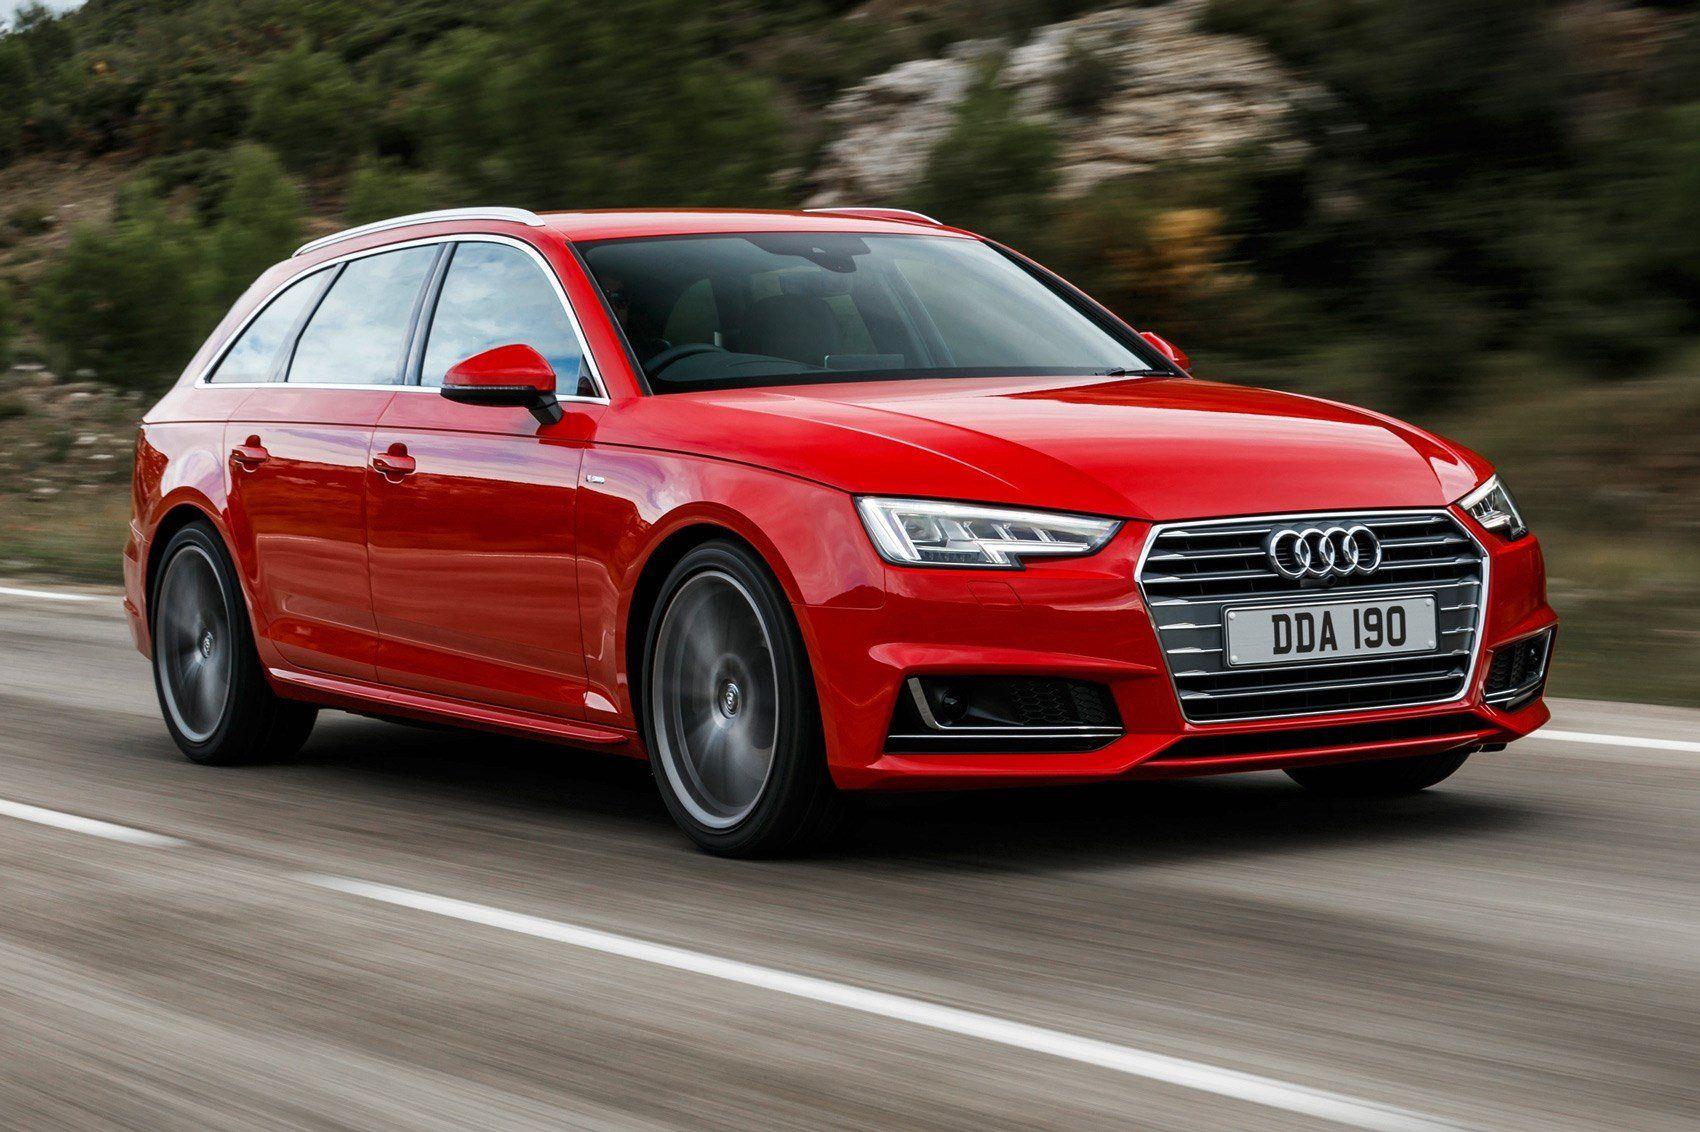 2021 Audi A4 Release Date in 2020 | Audi a4, Audi, Audi a4 ...